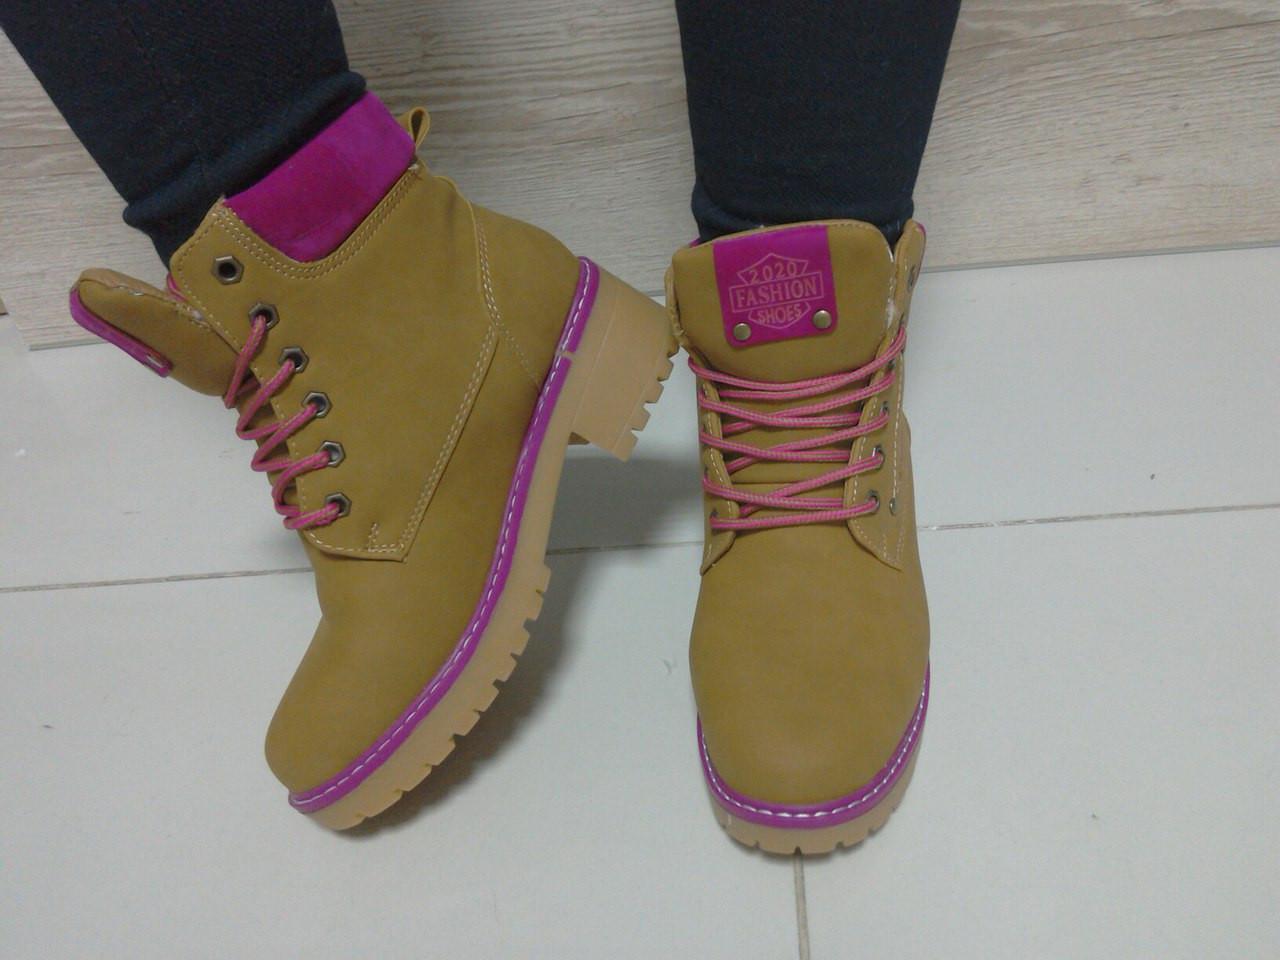 Женские ботинки зима, эко нубук, рыжие / ботинки тимберленды женские, каблук 5 см, теплые - БРУКЛИН интернет-гипермаркет в Киеве